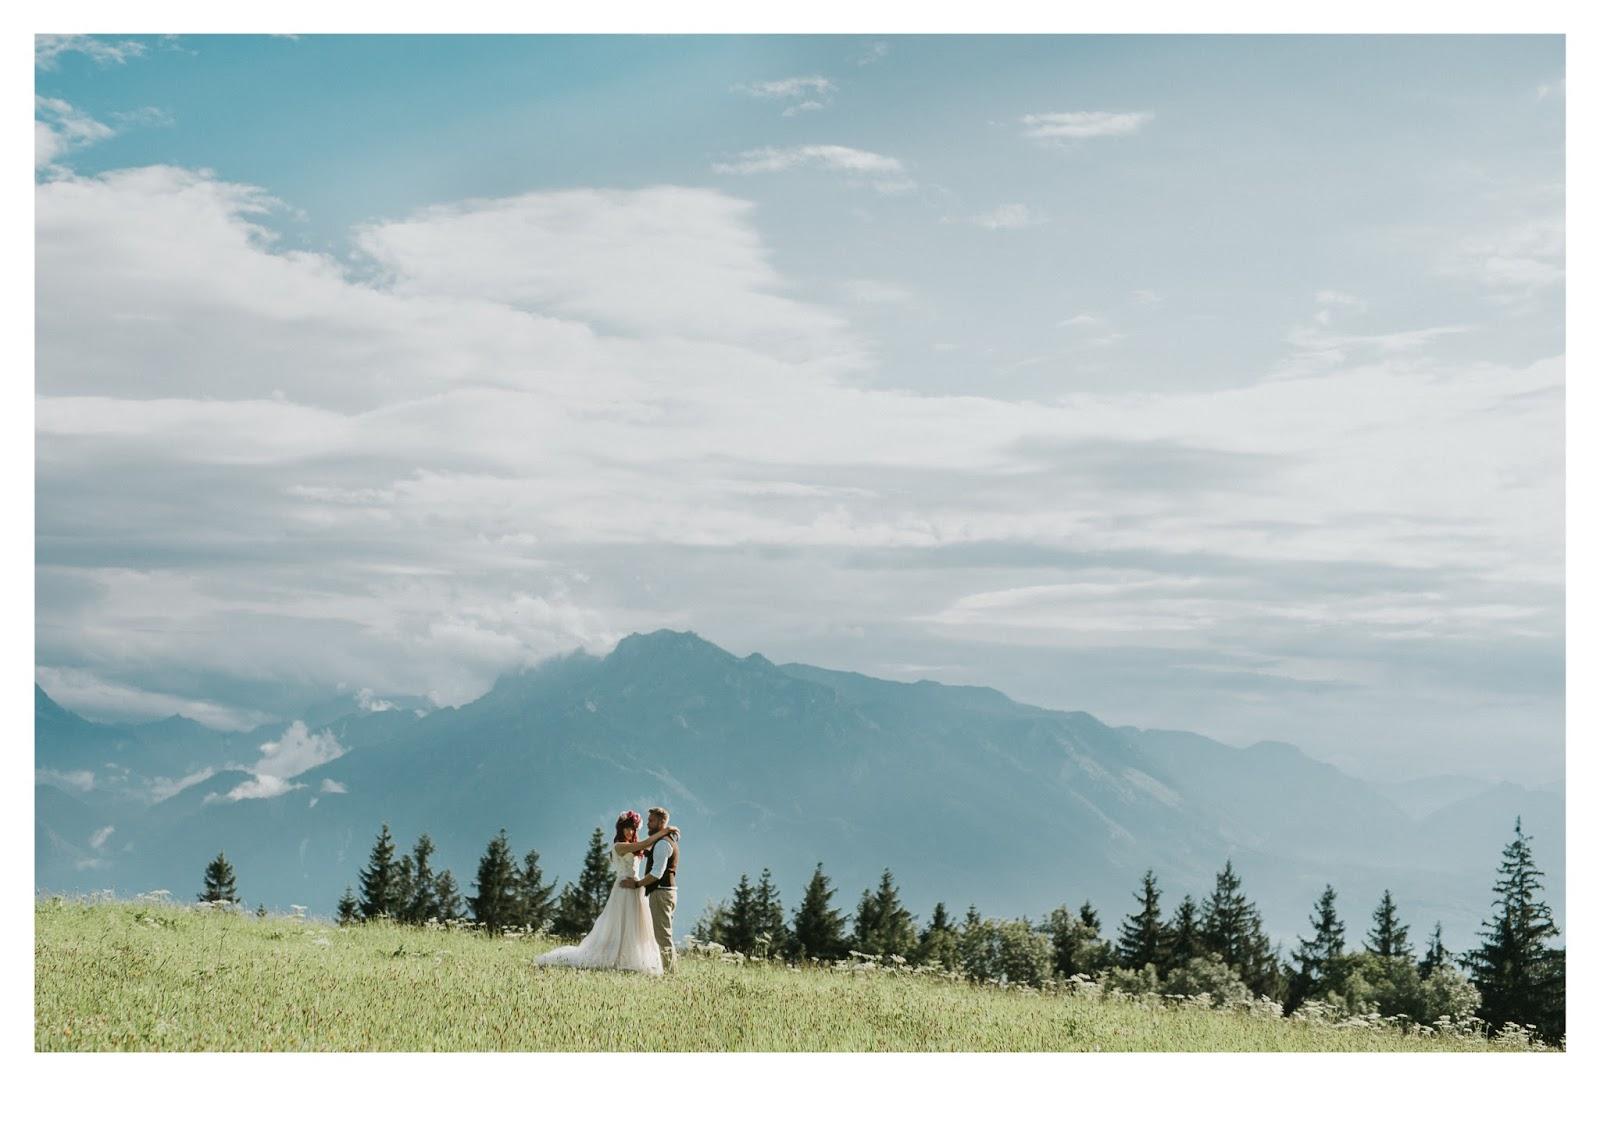 hochzeit in den bergen salzburg